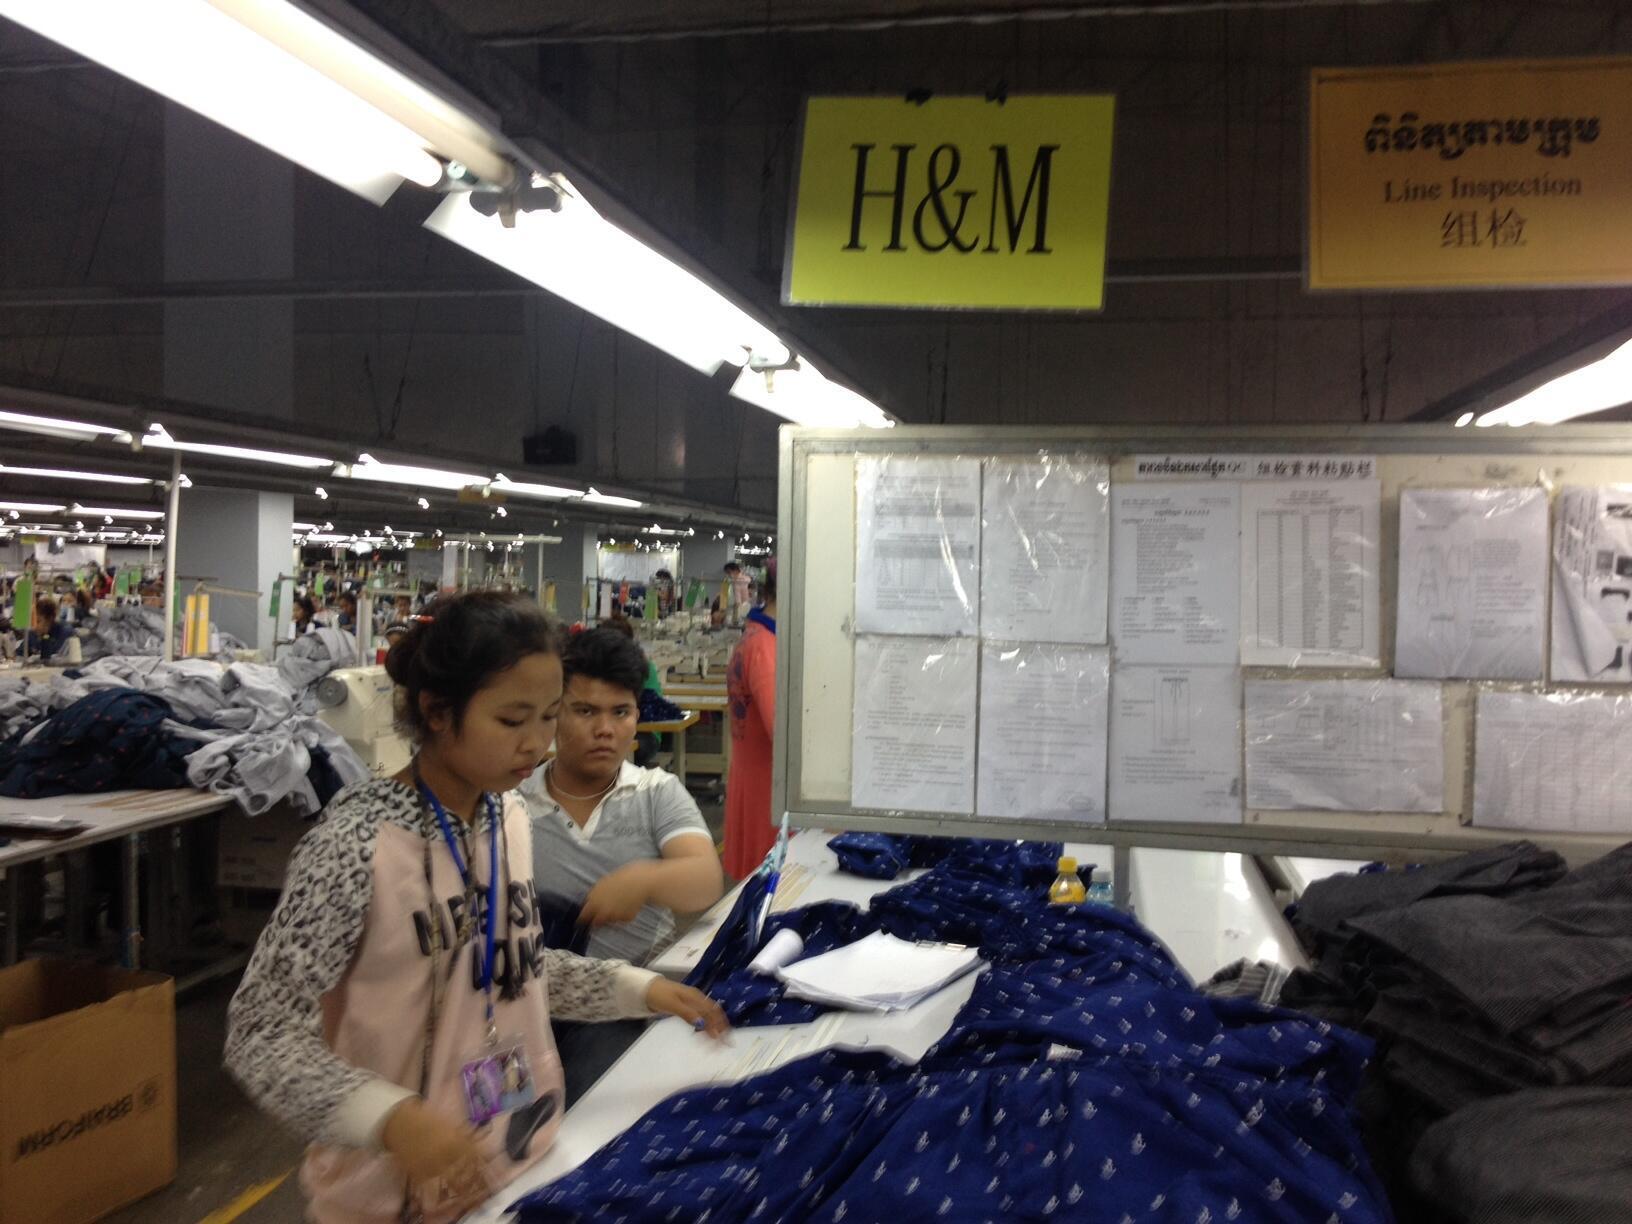 Une usine sous-traitante d'H&M au Cambodge